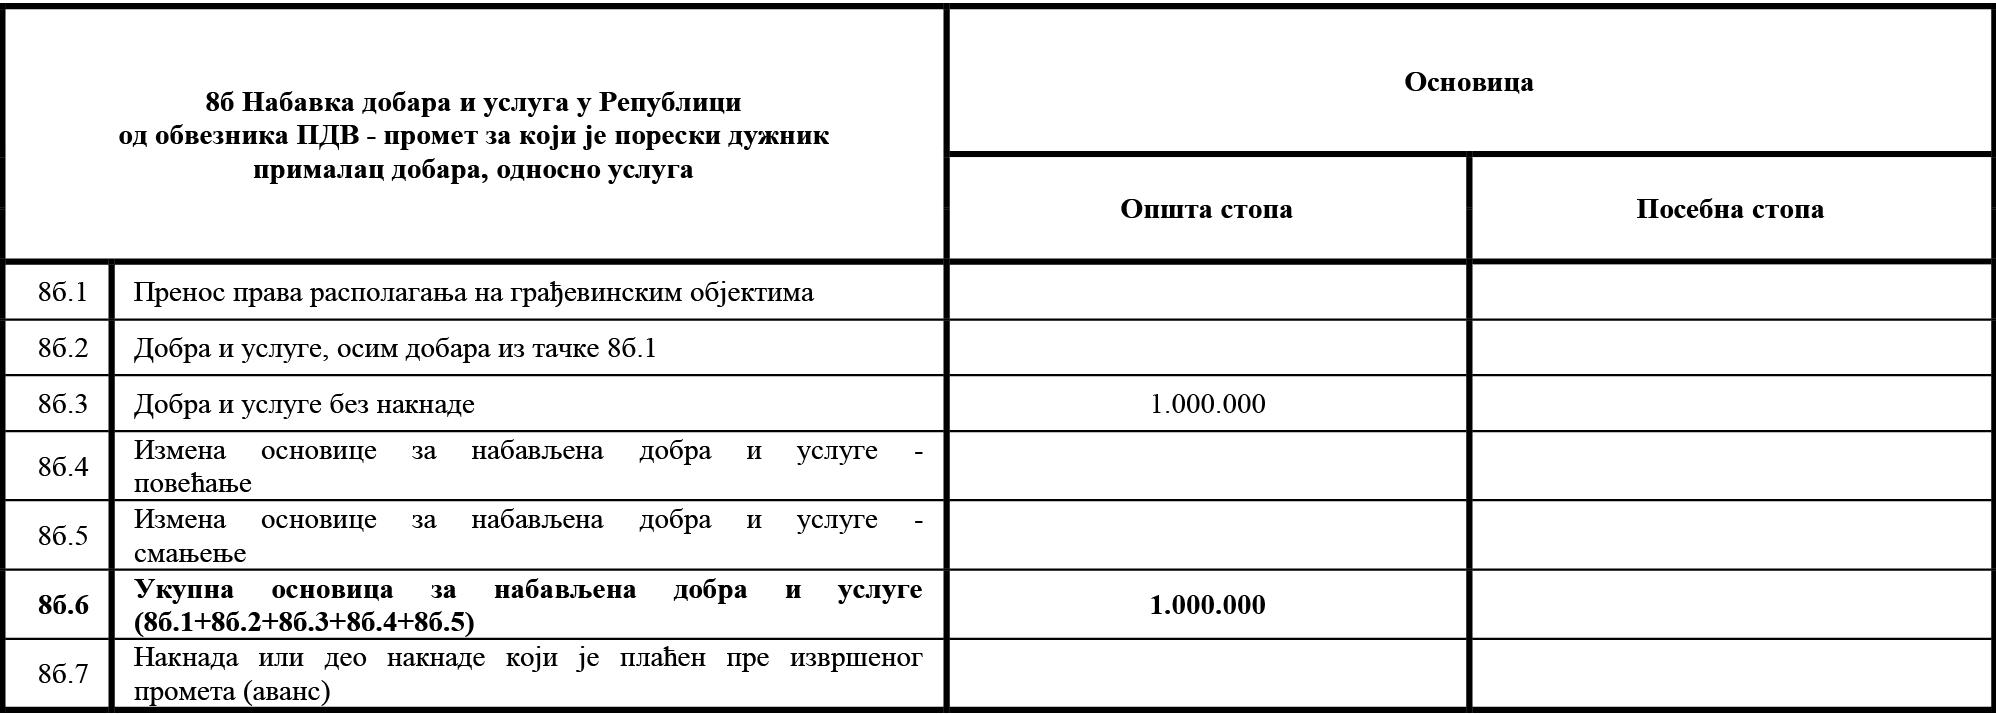 uputstvo PU obrazac POPDV primer 100